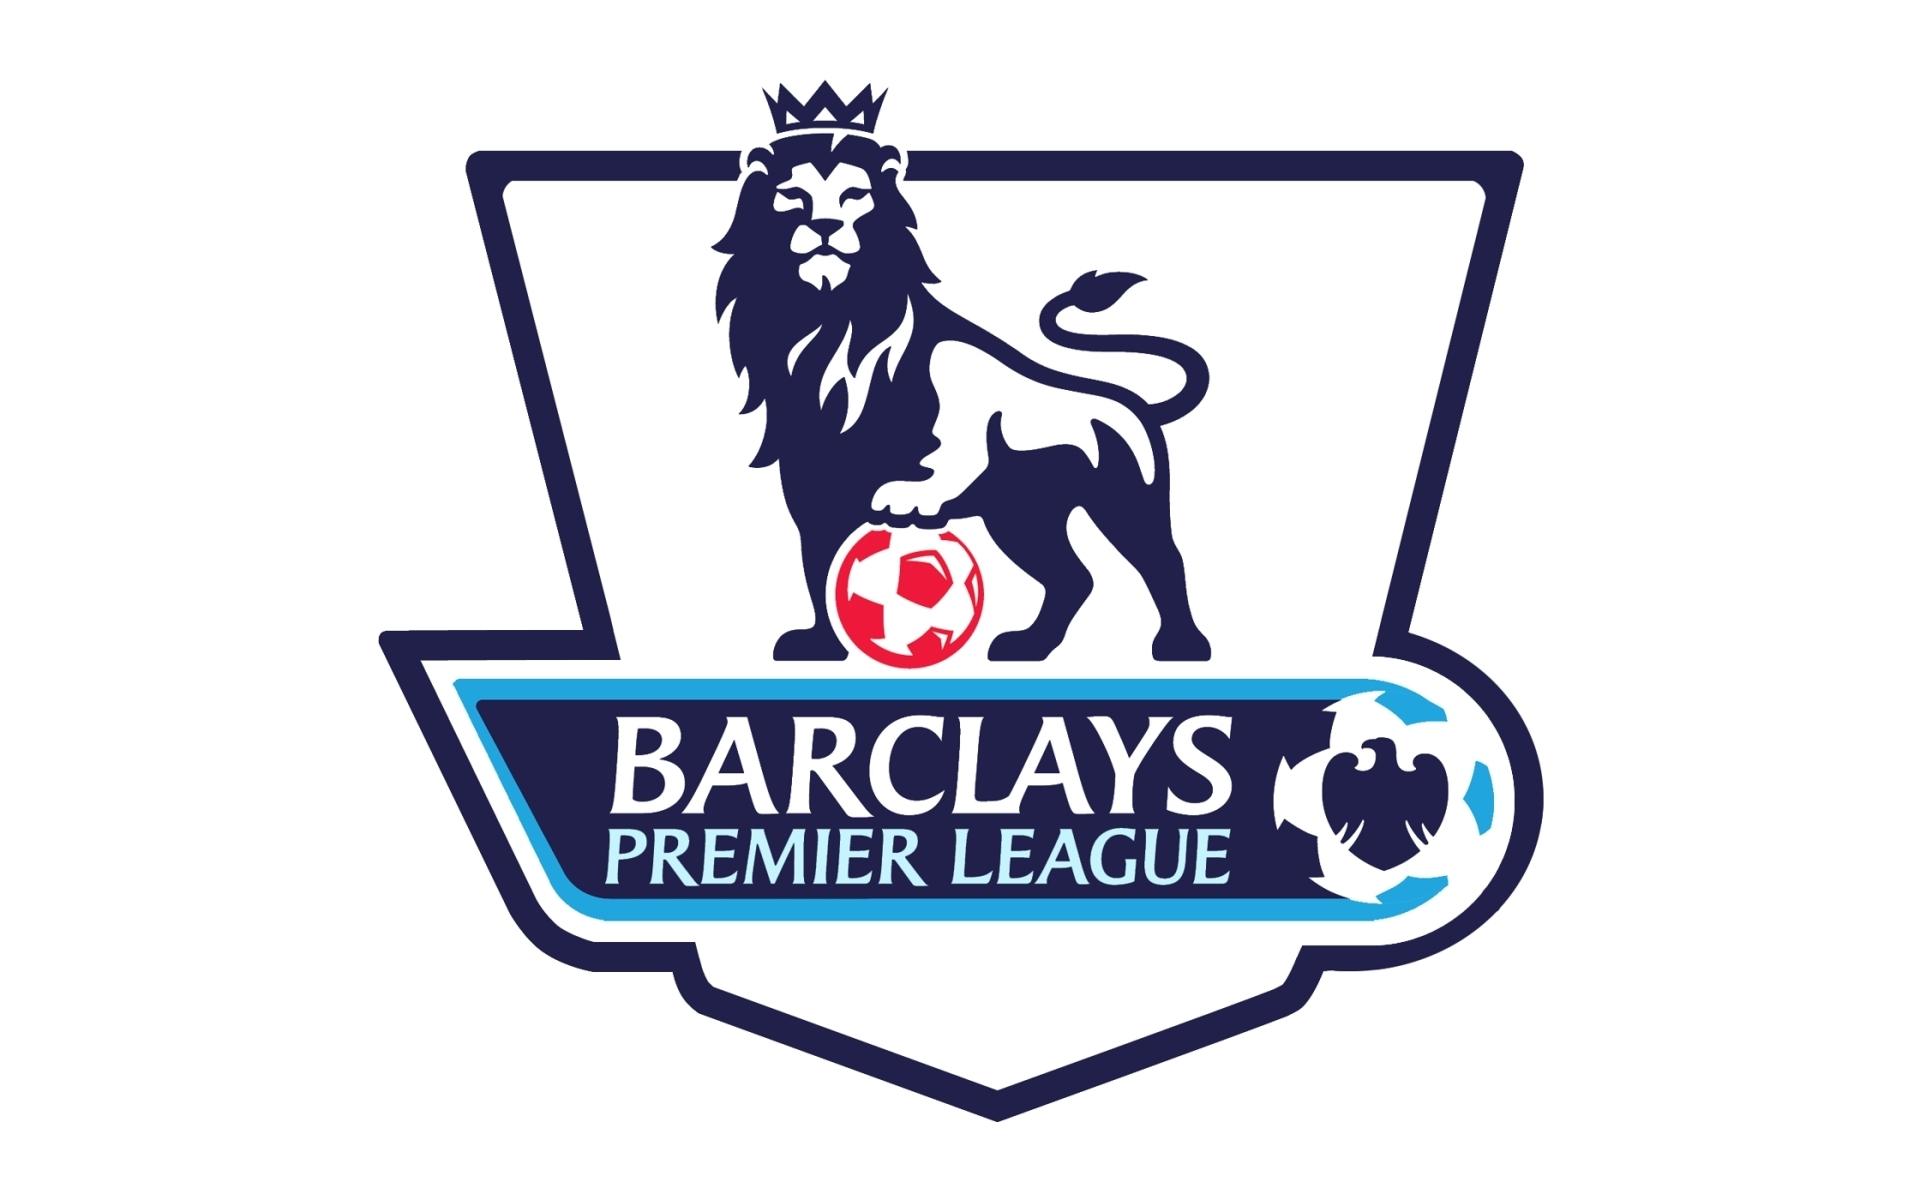 10 zajímavých statistik z aktuálního ročníku Premier League